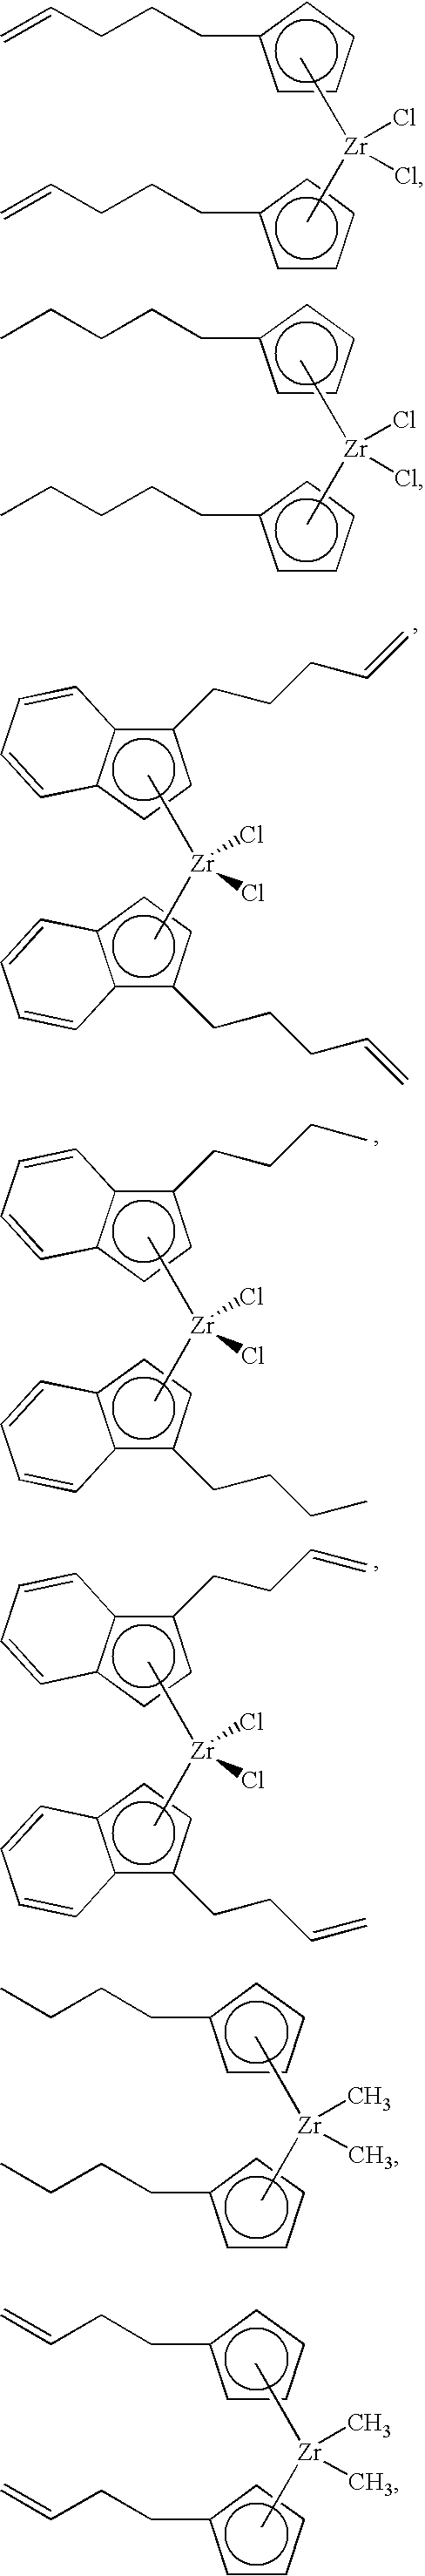 Figure US07619047-20091117-C00042